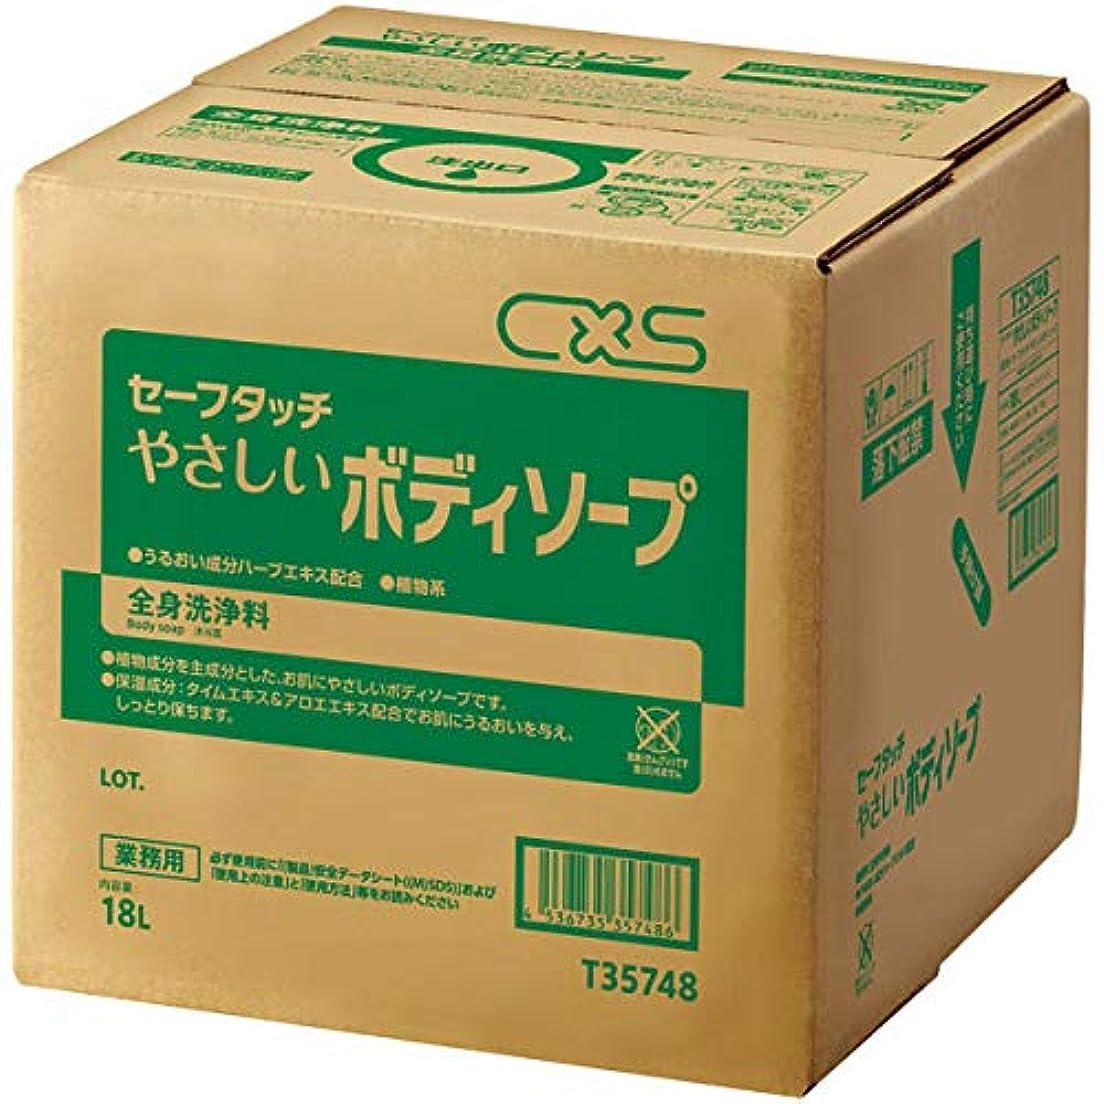 高原維持クリップシーバイエス 全身洗浄料セーフタッチやさしいボディソープ 18L (T35748) 1個